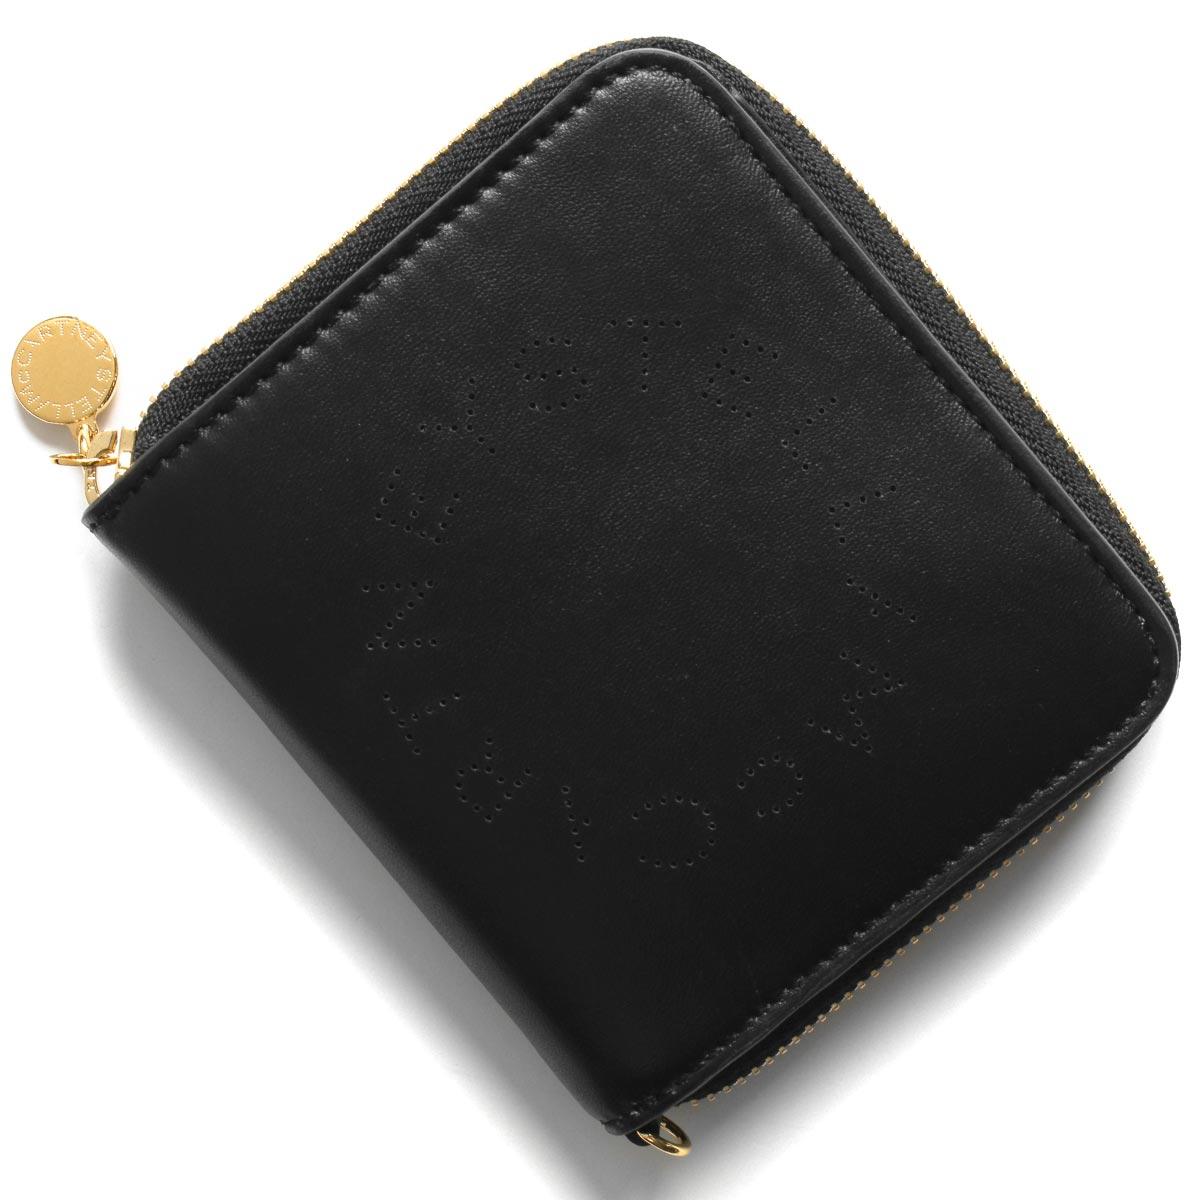 ステラマッカートニー 二つ折り財布 財布 レディース ステラ ロゴ ブラック 570269 W8542 1000 STELLA McCARTHNEY